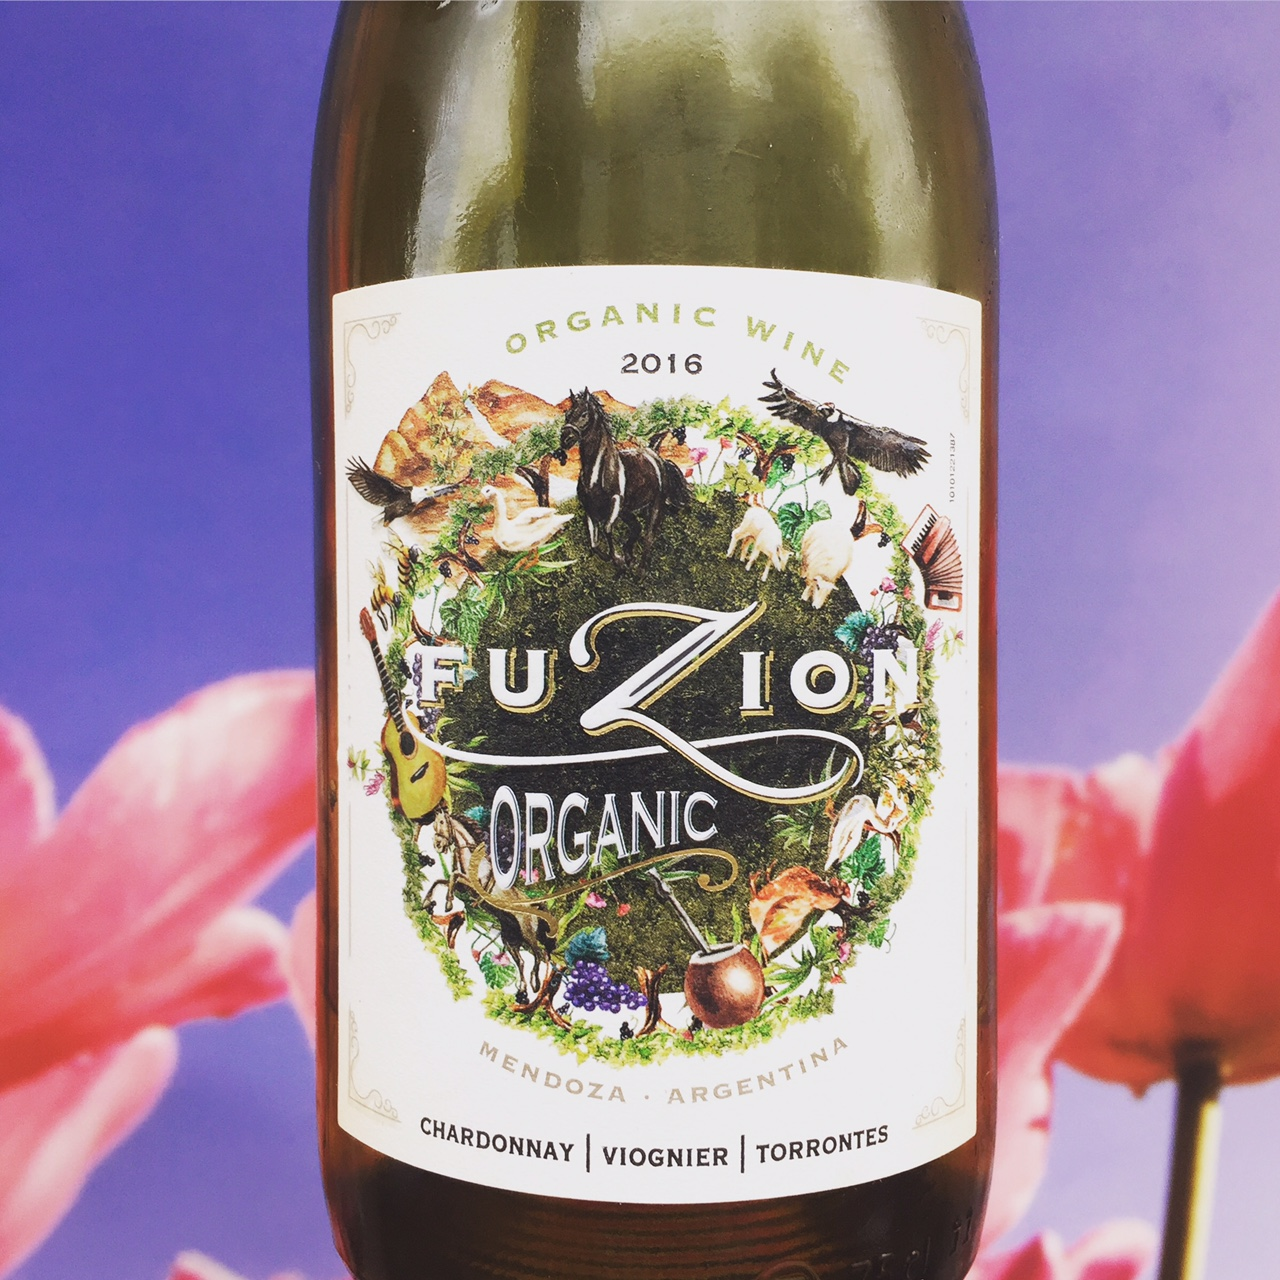 Fuzion wit wijnreview door Mama Drinkt Wijn, vinoloog sinds 2006